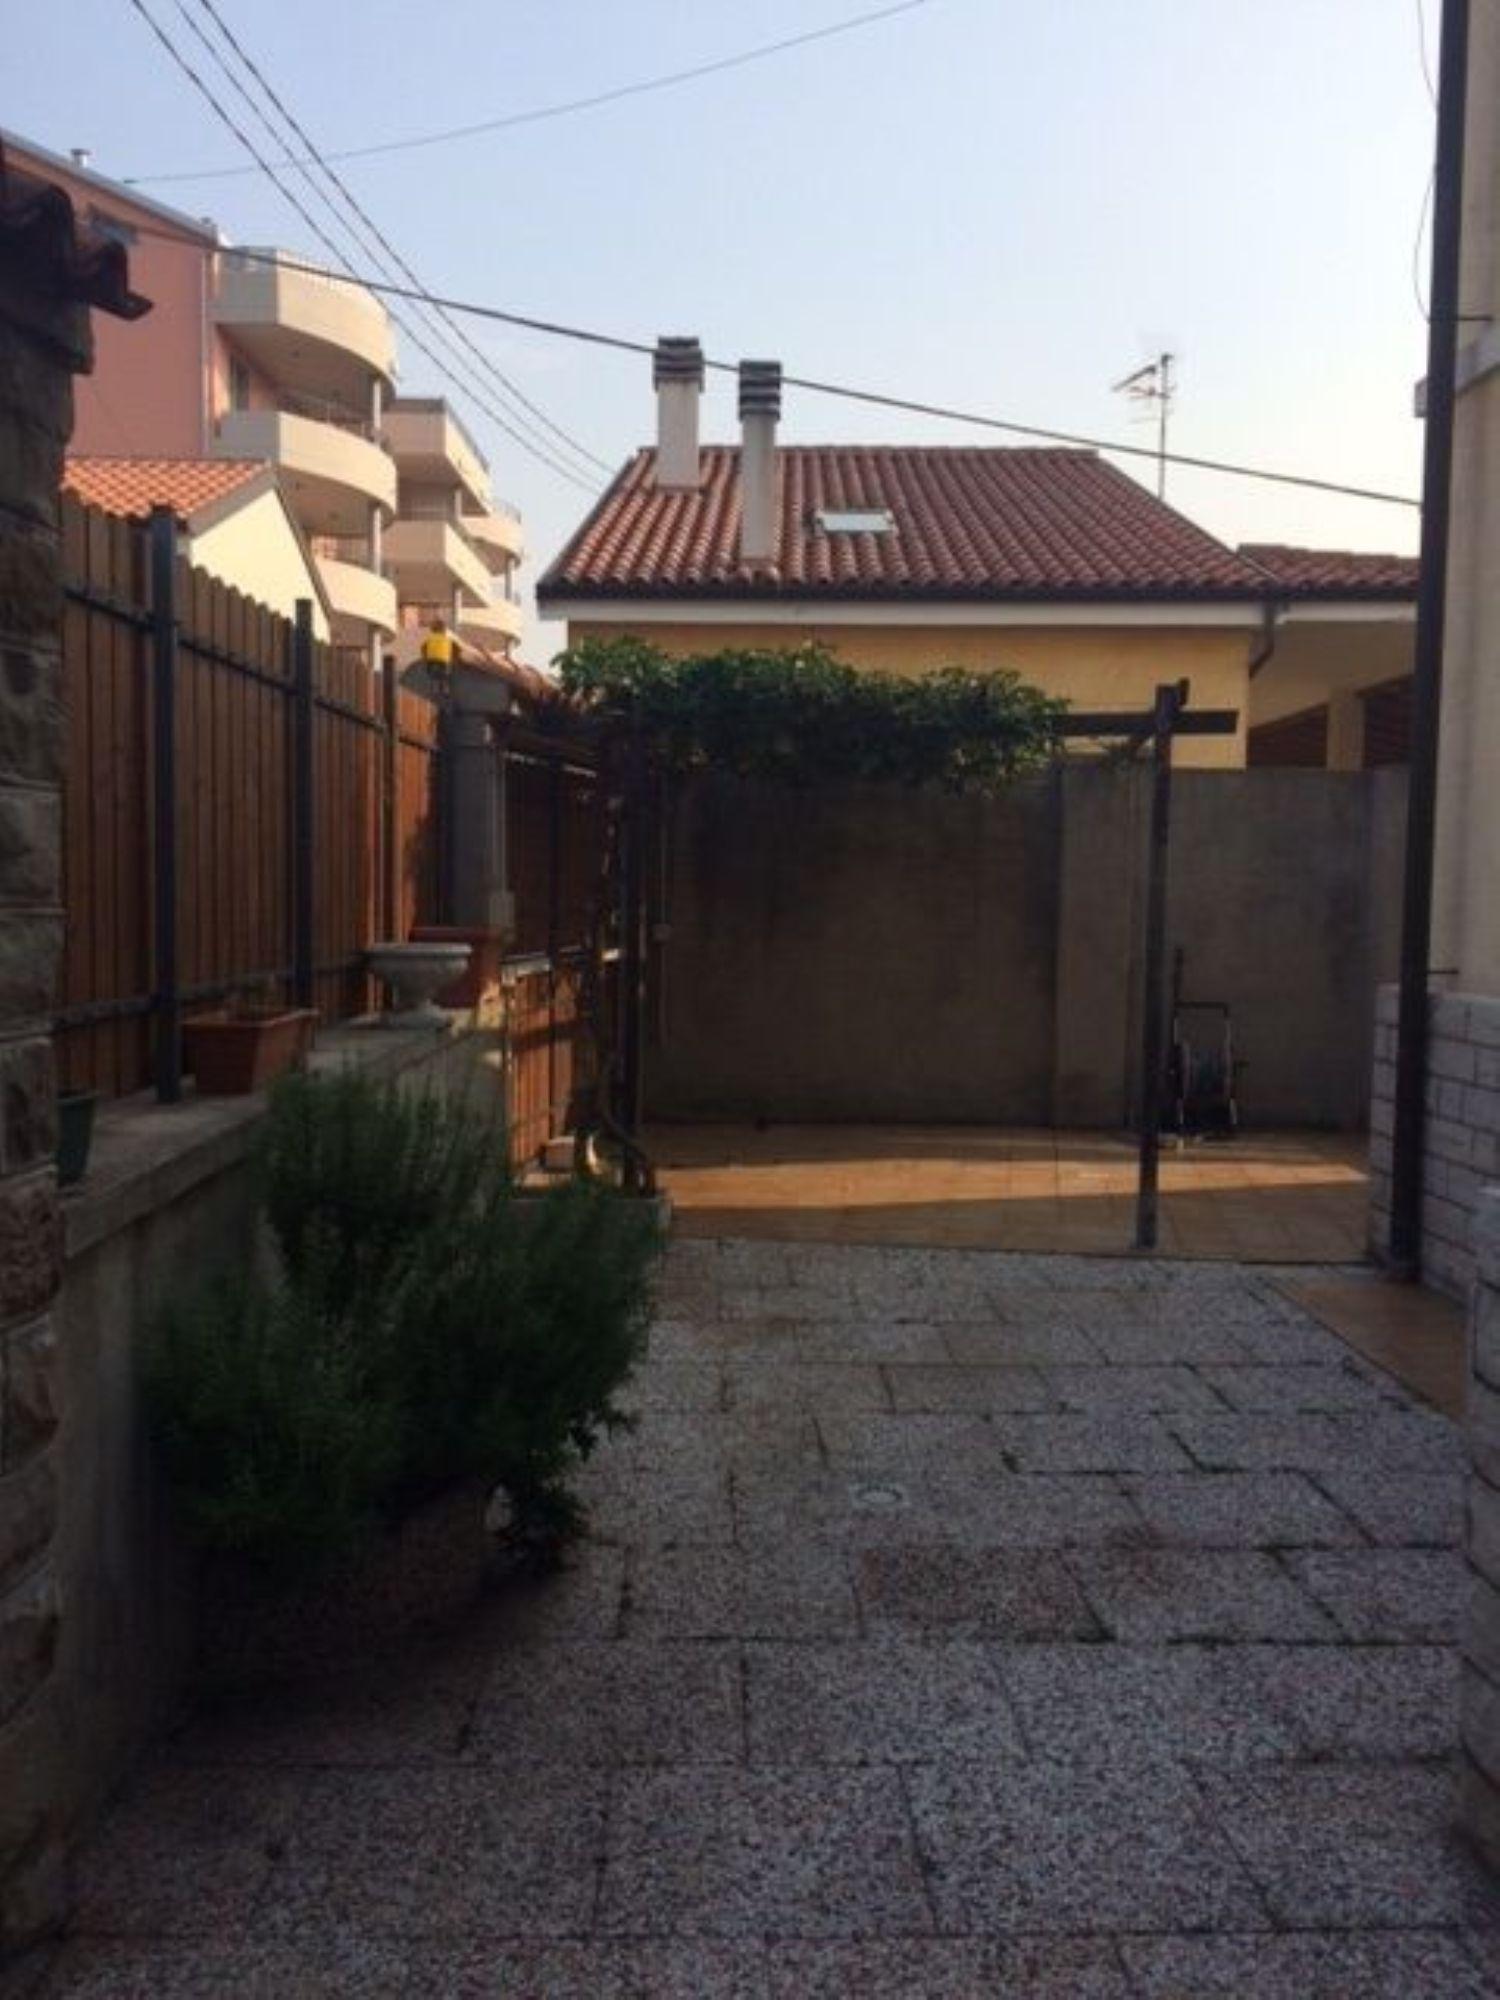 Soluzione Indipendente in vendita a Trieste, 8 locali, prezzo € 294.000 | Cambio Casa.it